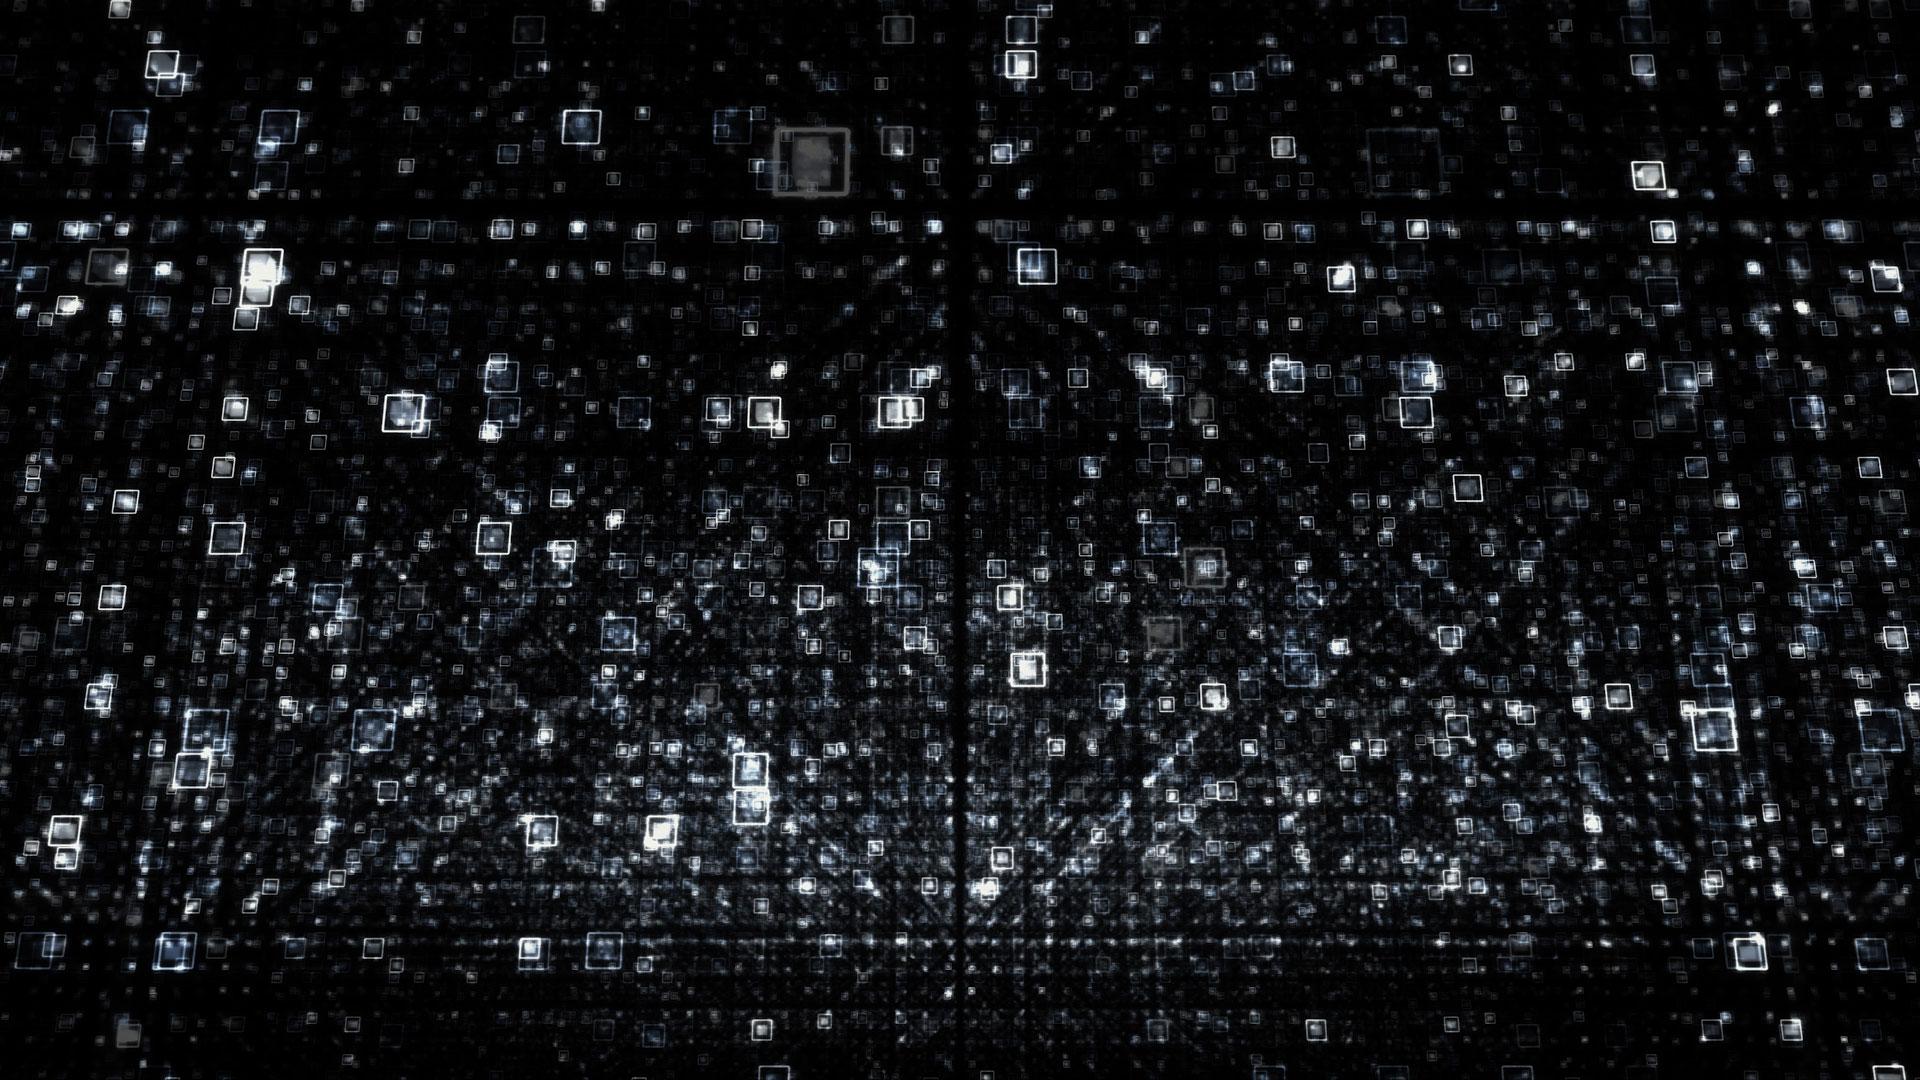 KZ_Cyberspace_14_Still002